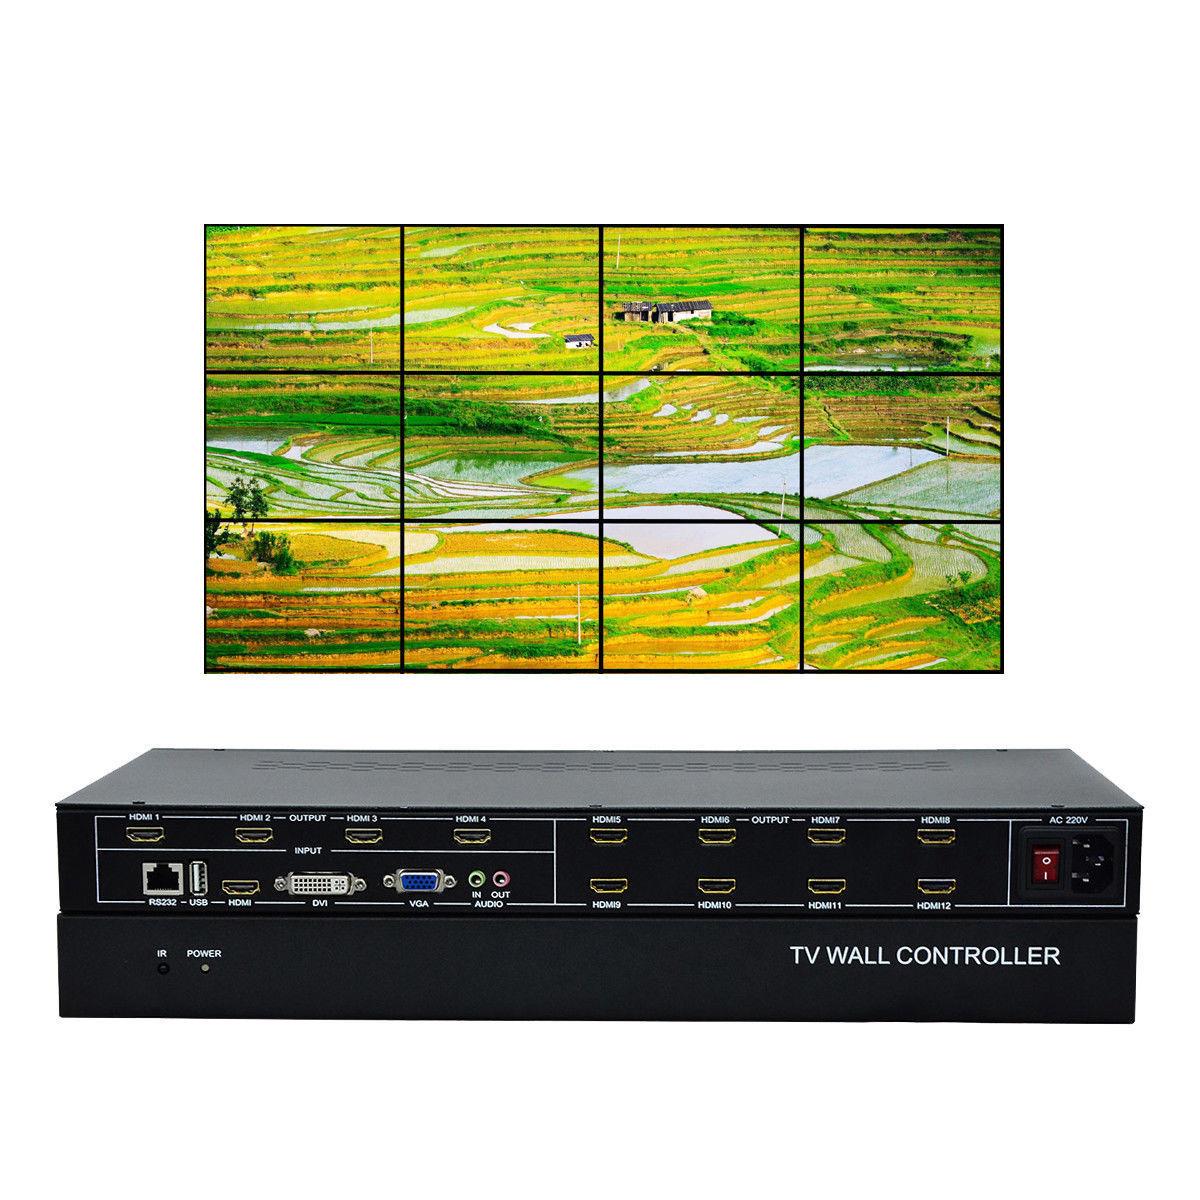 ESZYM 12 Channel TV Video Wall Controller 3x4 2x6 2x5 HDMI DVI VGA USB Video Processor